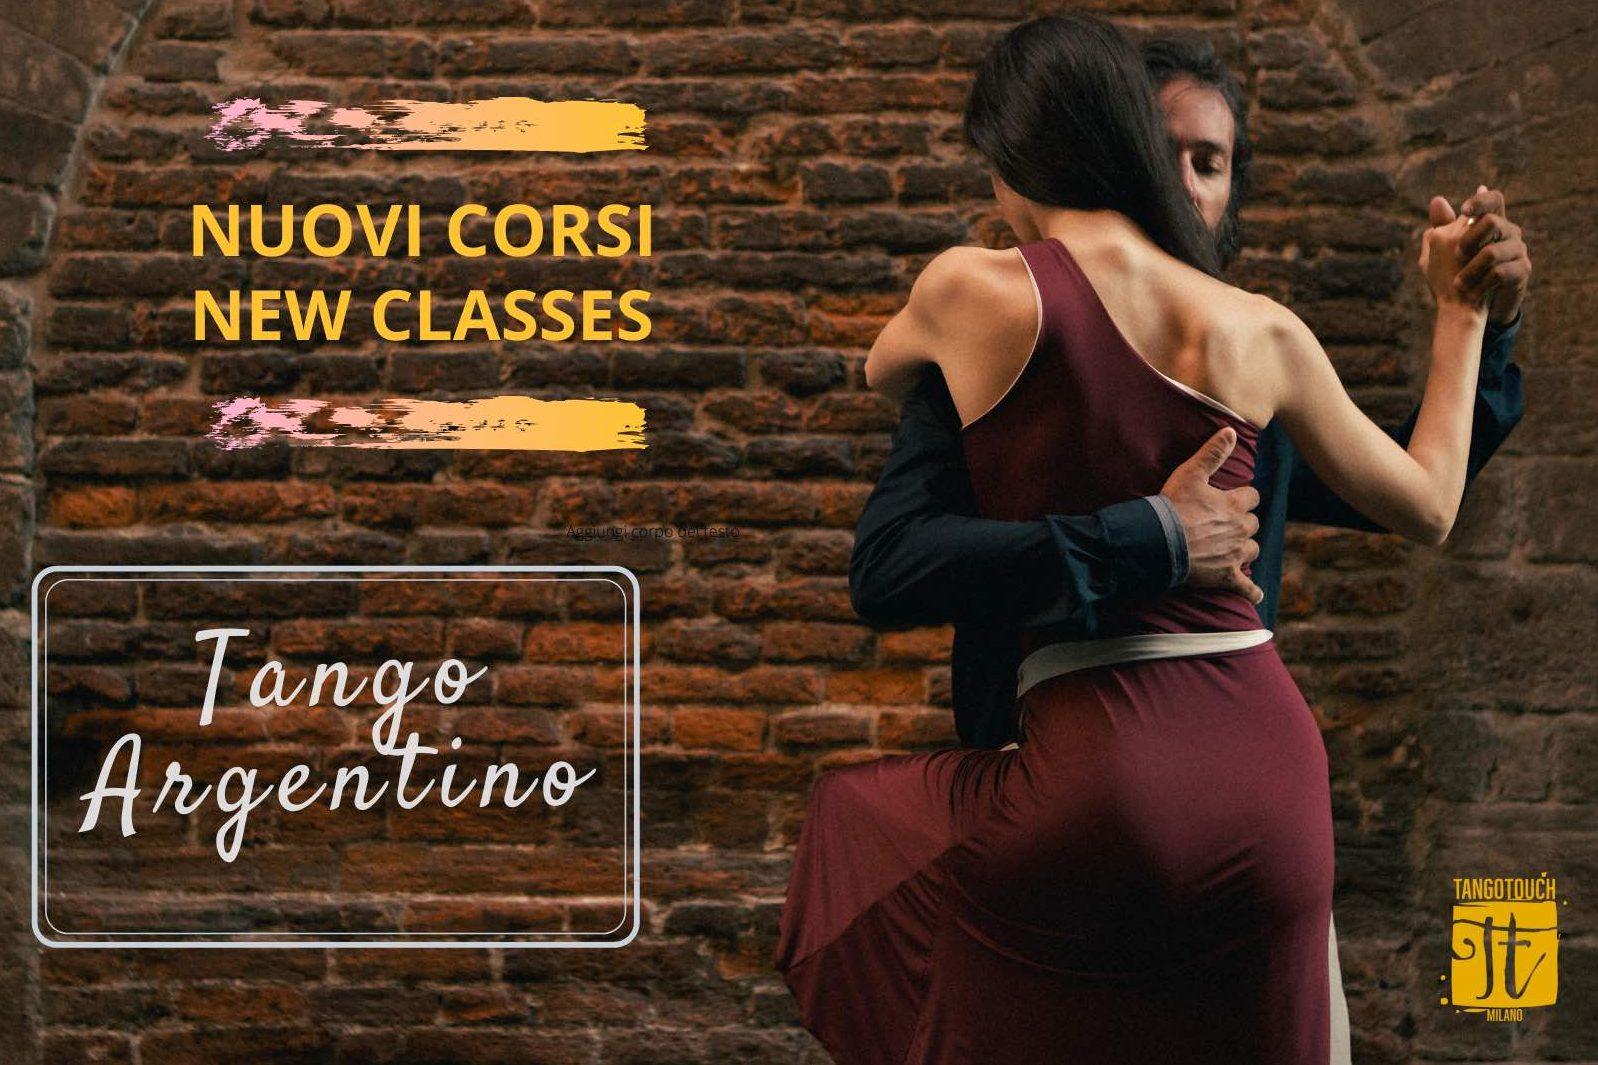 Volantino nuovi corsi di Tango Argentino a cura di Tango Touch